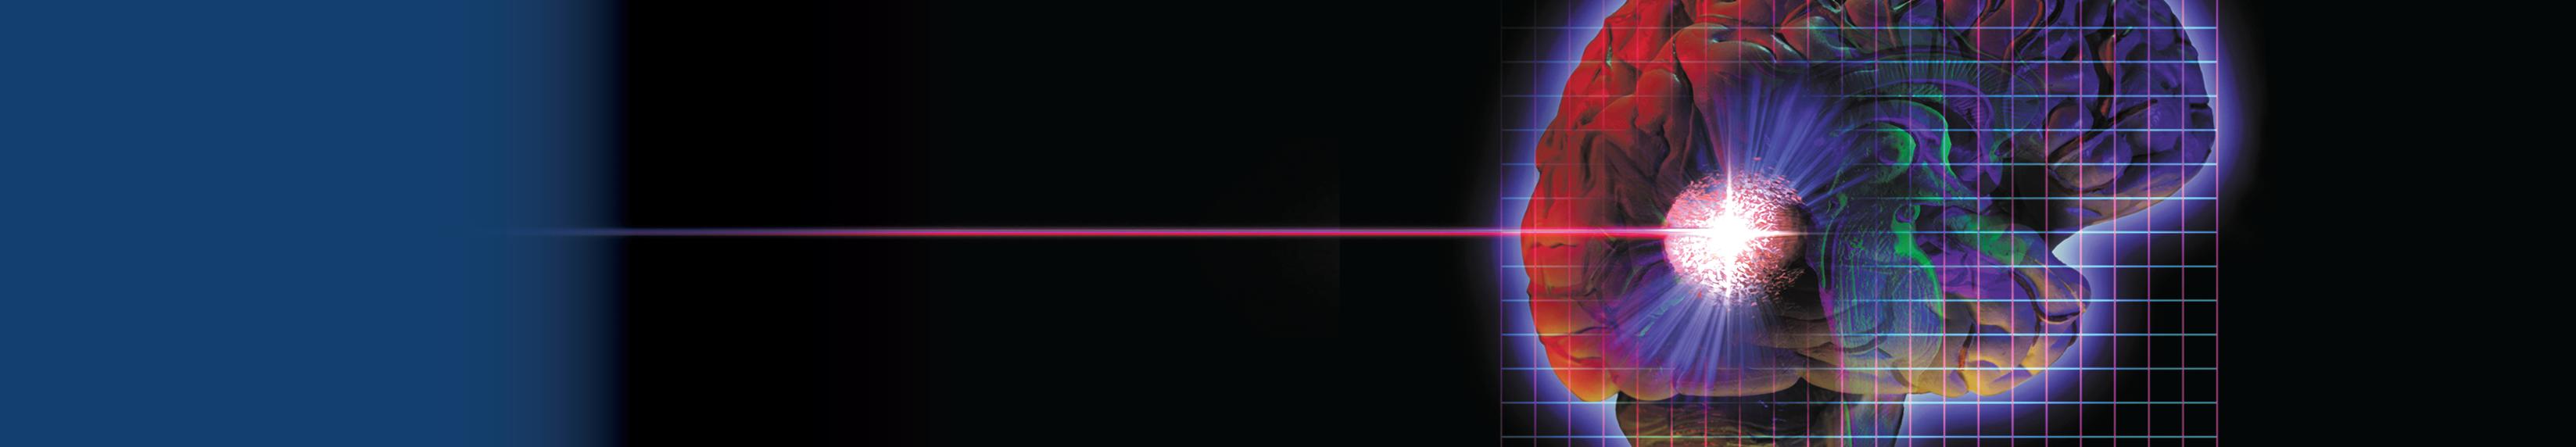 Banner_Radiocirugía-01.png